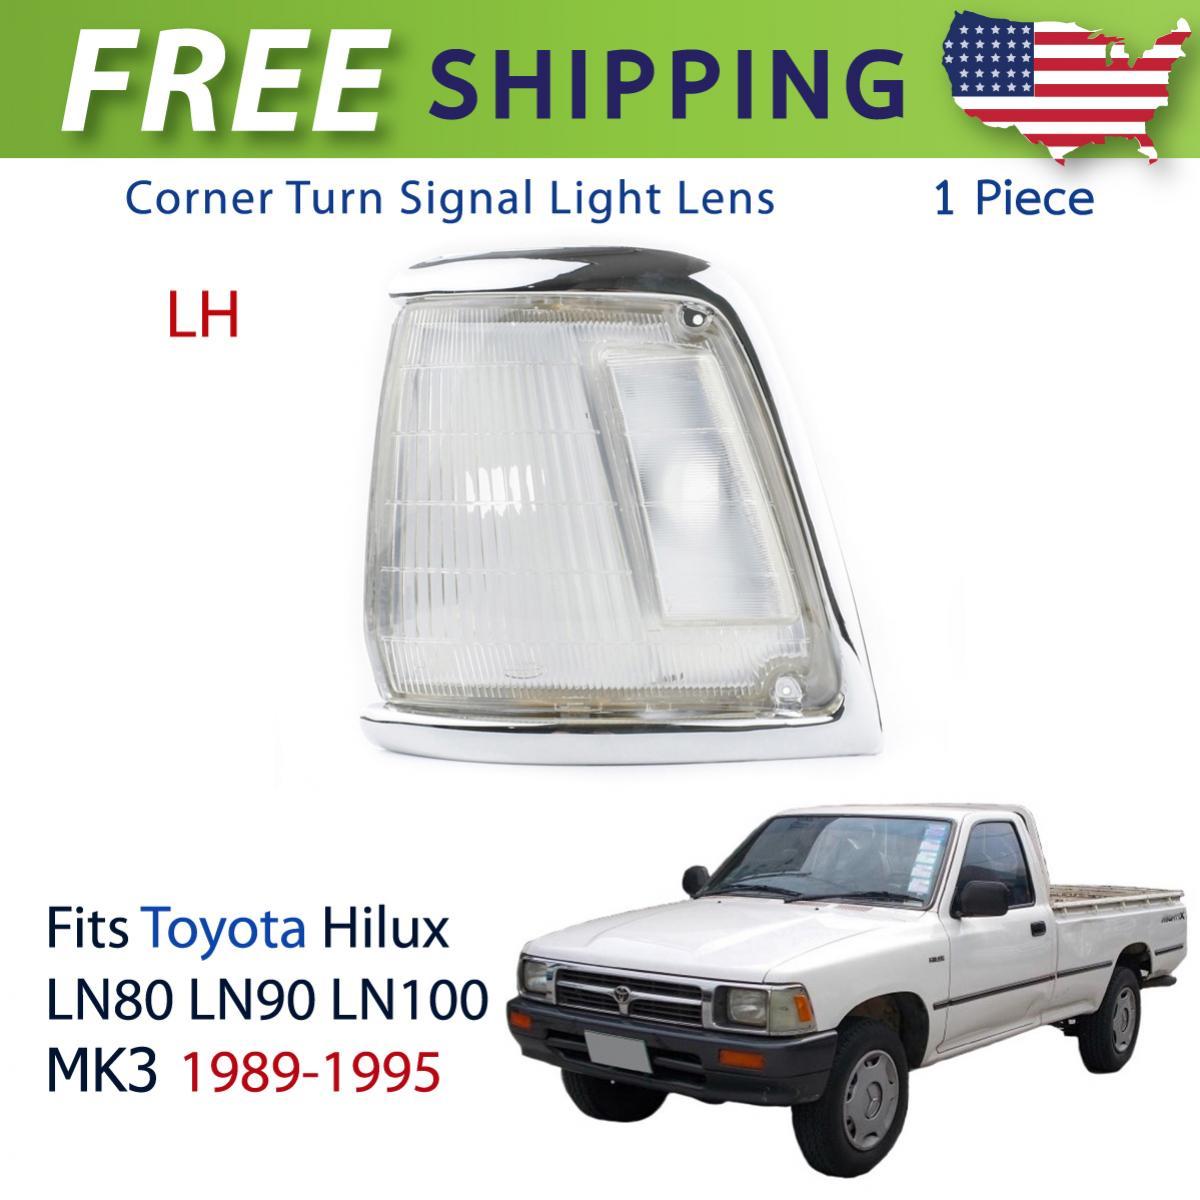 コーナーライト Left Corner Lights Turn Lamp Clear Fits Toyota Hilux LN85 LN90 Pickup 1989-1994 トヨタハイラックスLN85 LN90ピックアップ1989-1994にフィットする左コーナーライトターンランプクリア